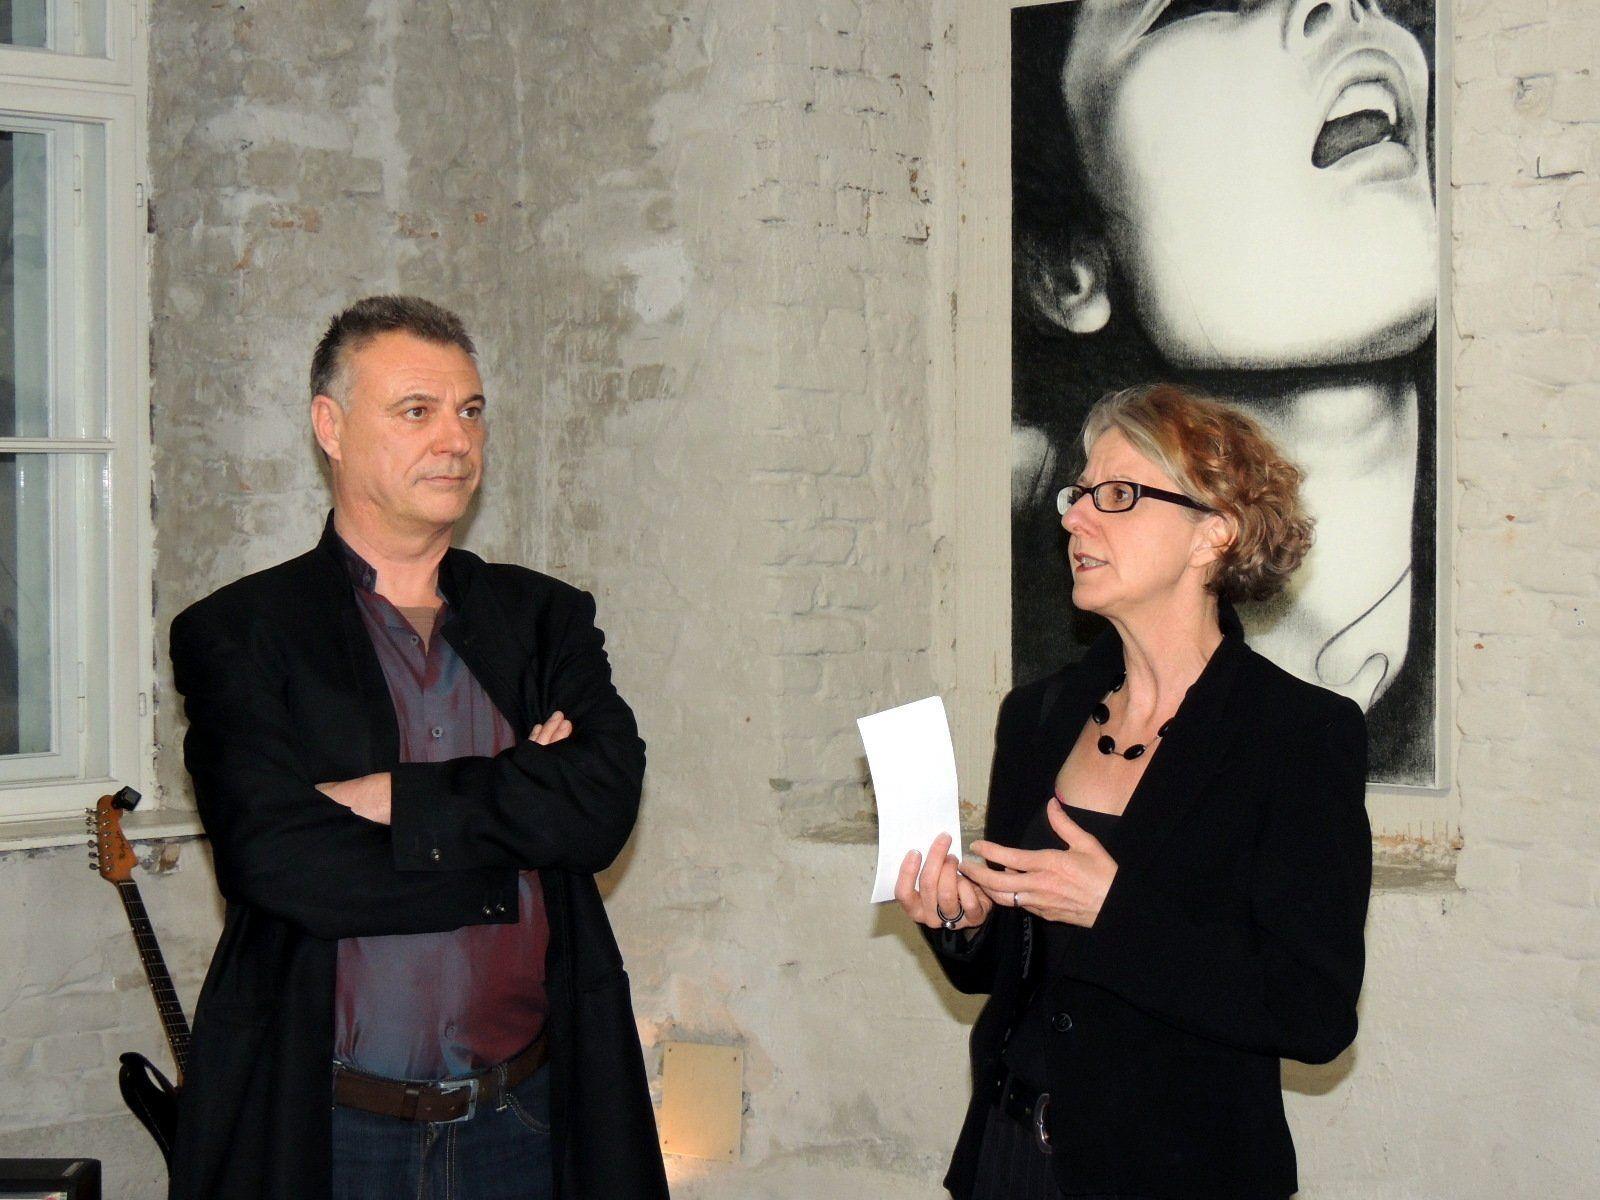 Anlässlich der Vernissage führte Dagmar Ullmann Bautz ein Interview mit dem Künstler Gerd Menia